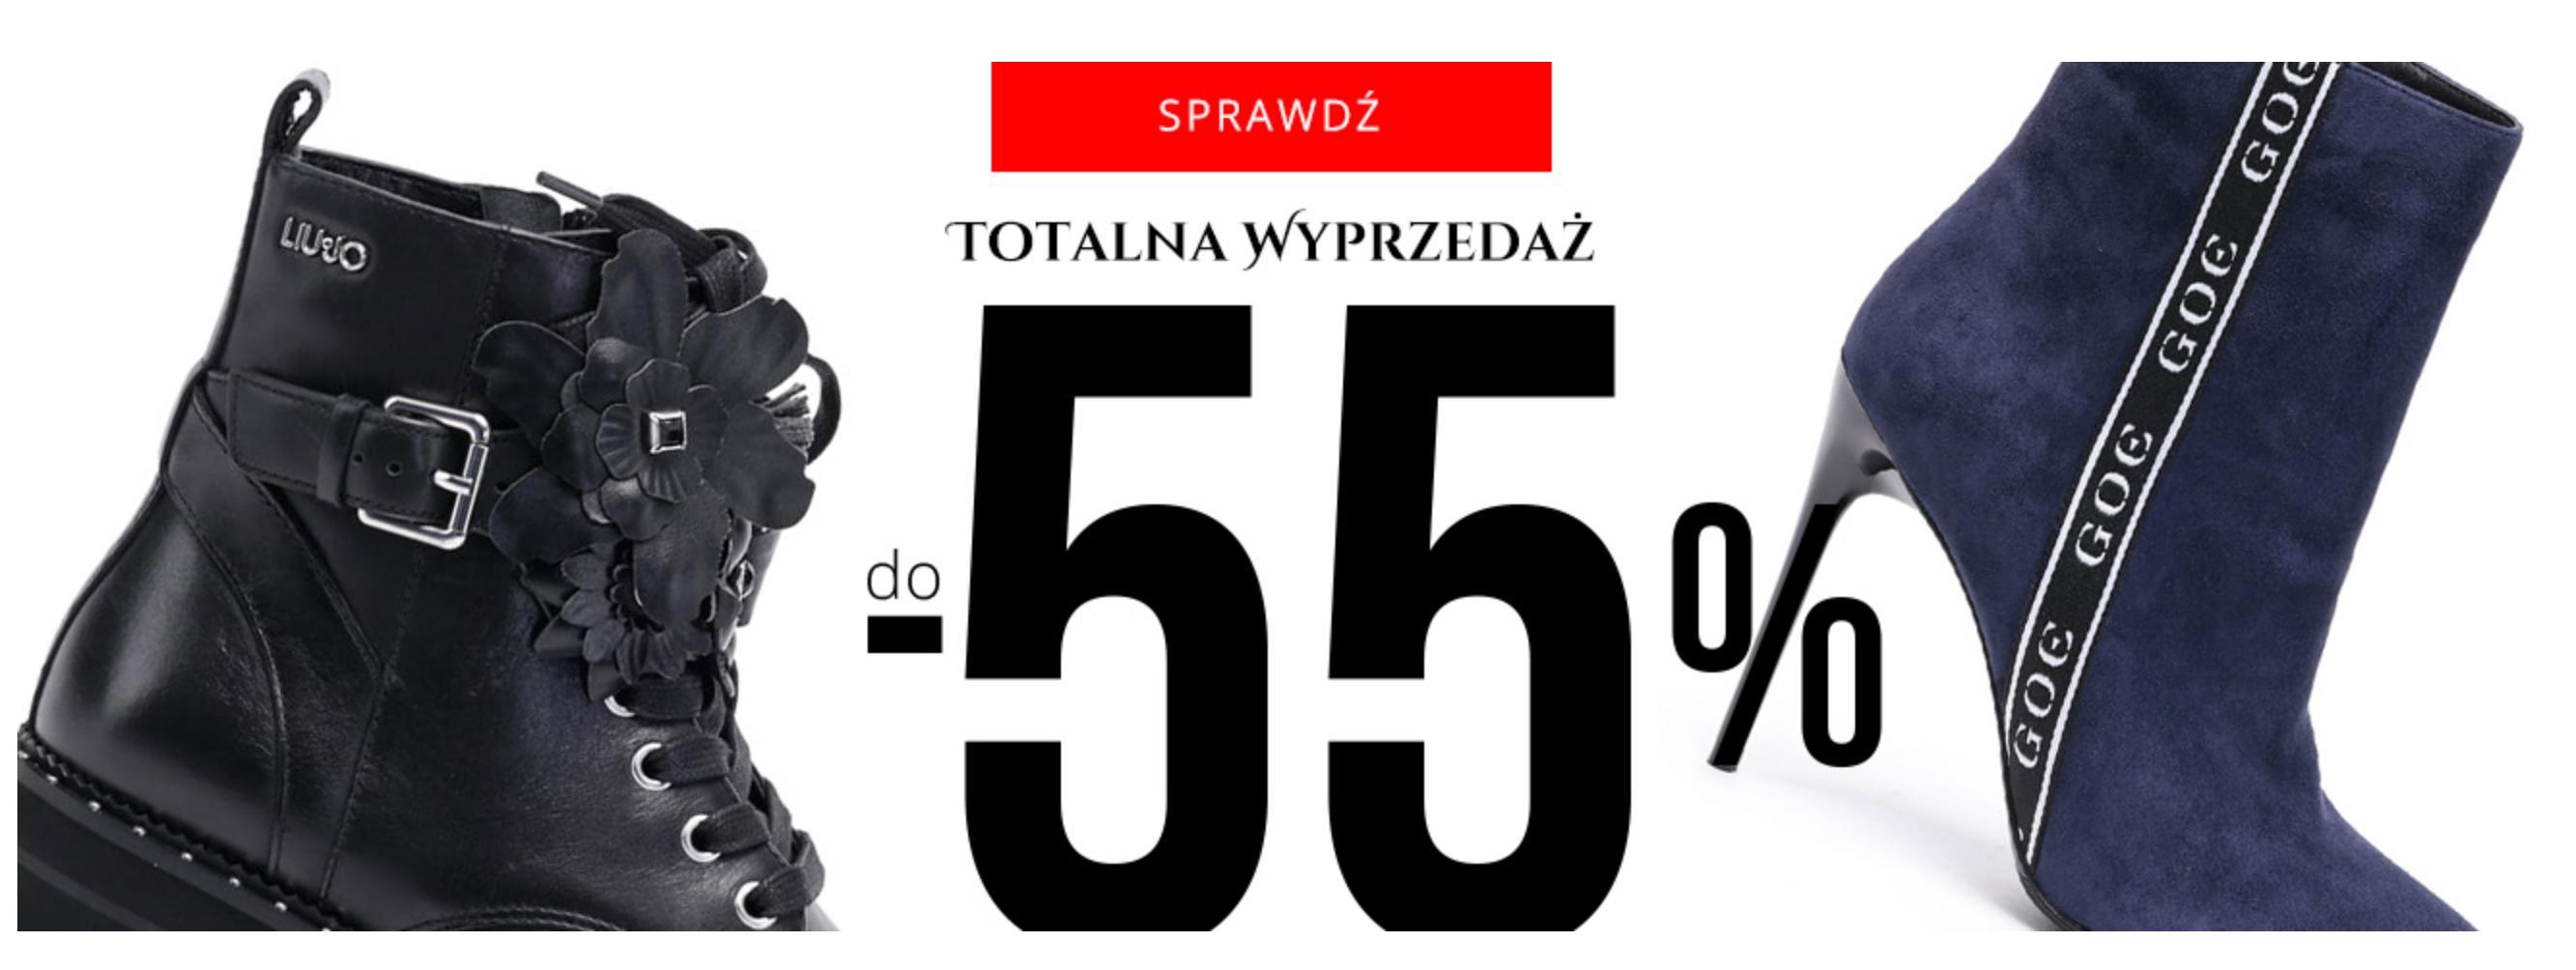 Goe Goe: totalna wyprzedaż do 55% rabatu na wybrane obuwie damskie i męskie